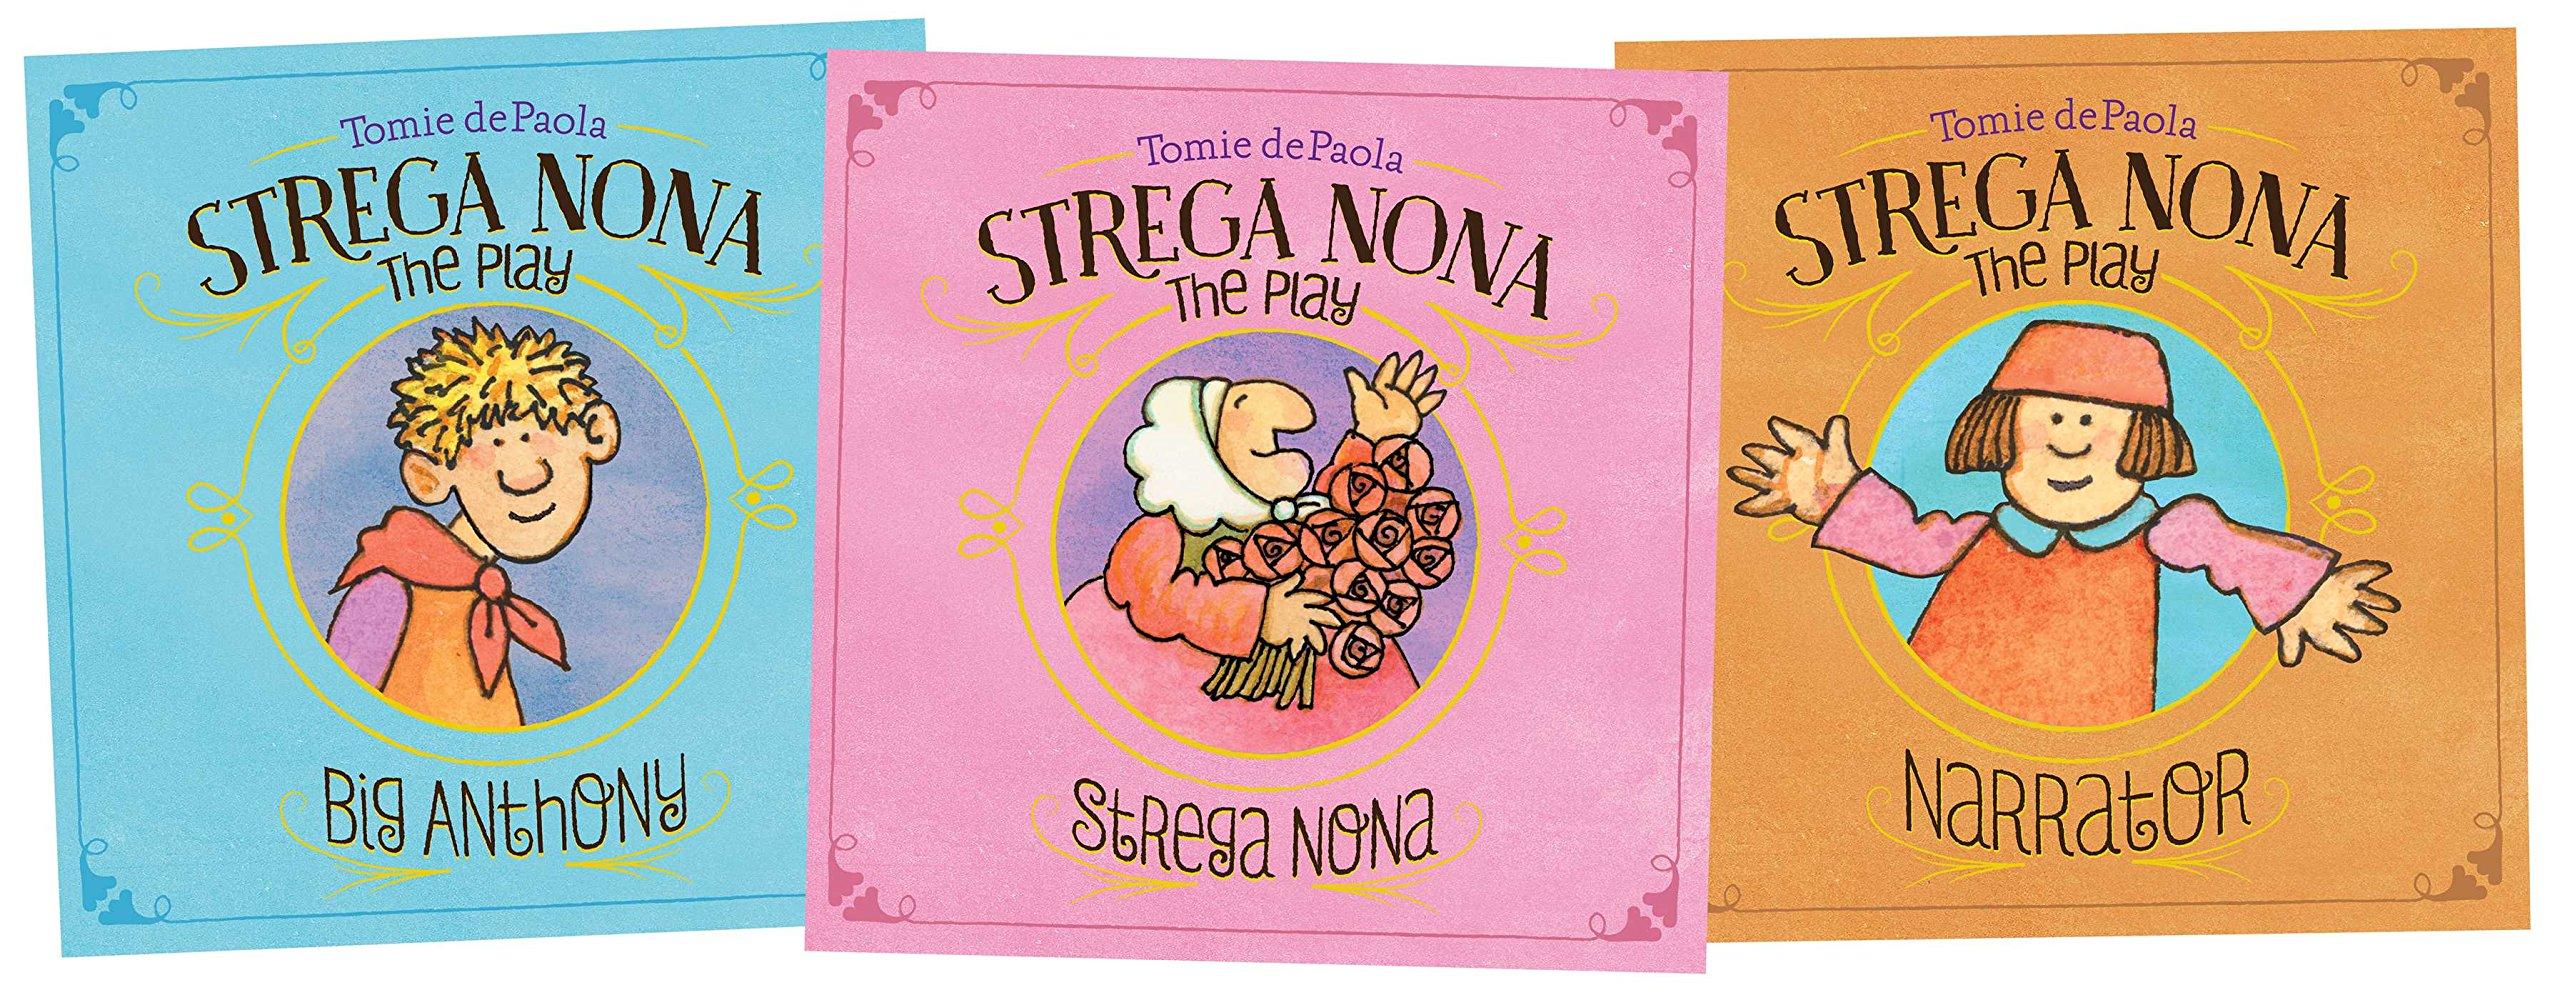 strega nona play set a strega nona book tomie depaola